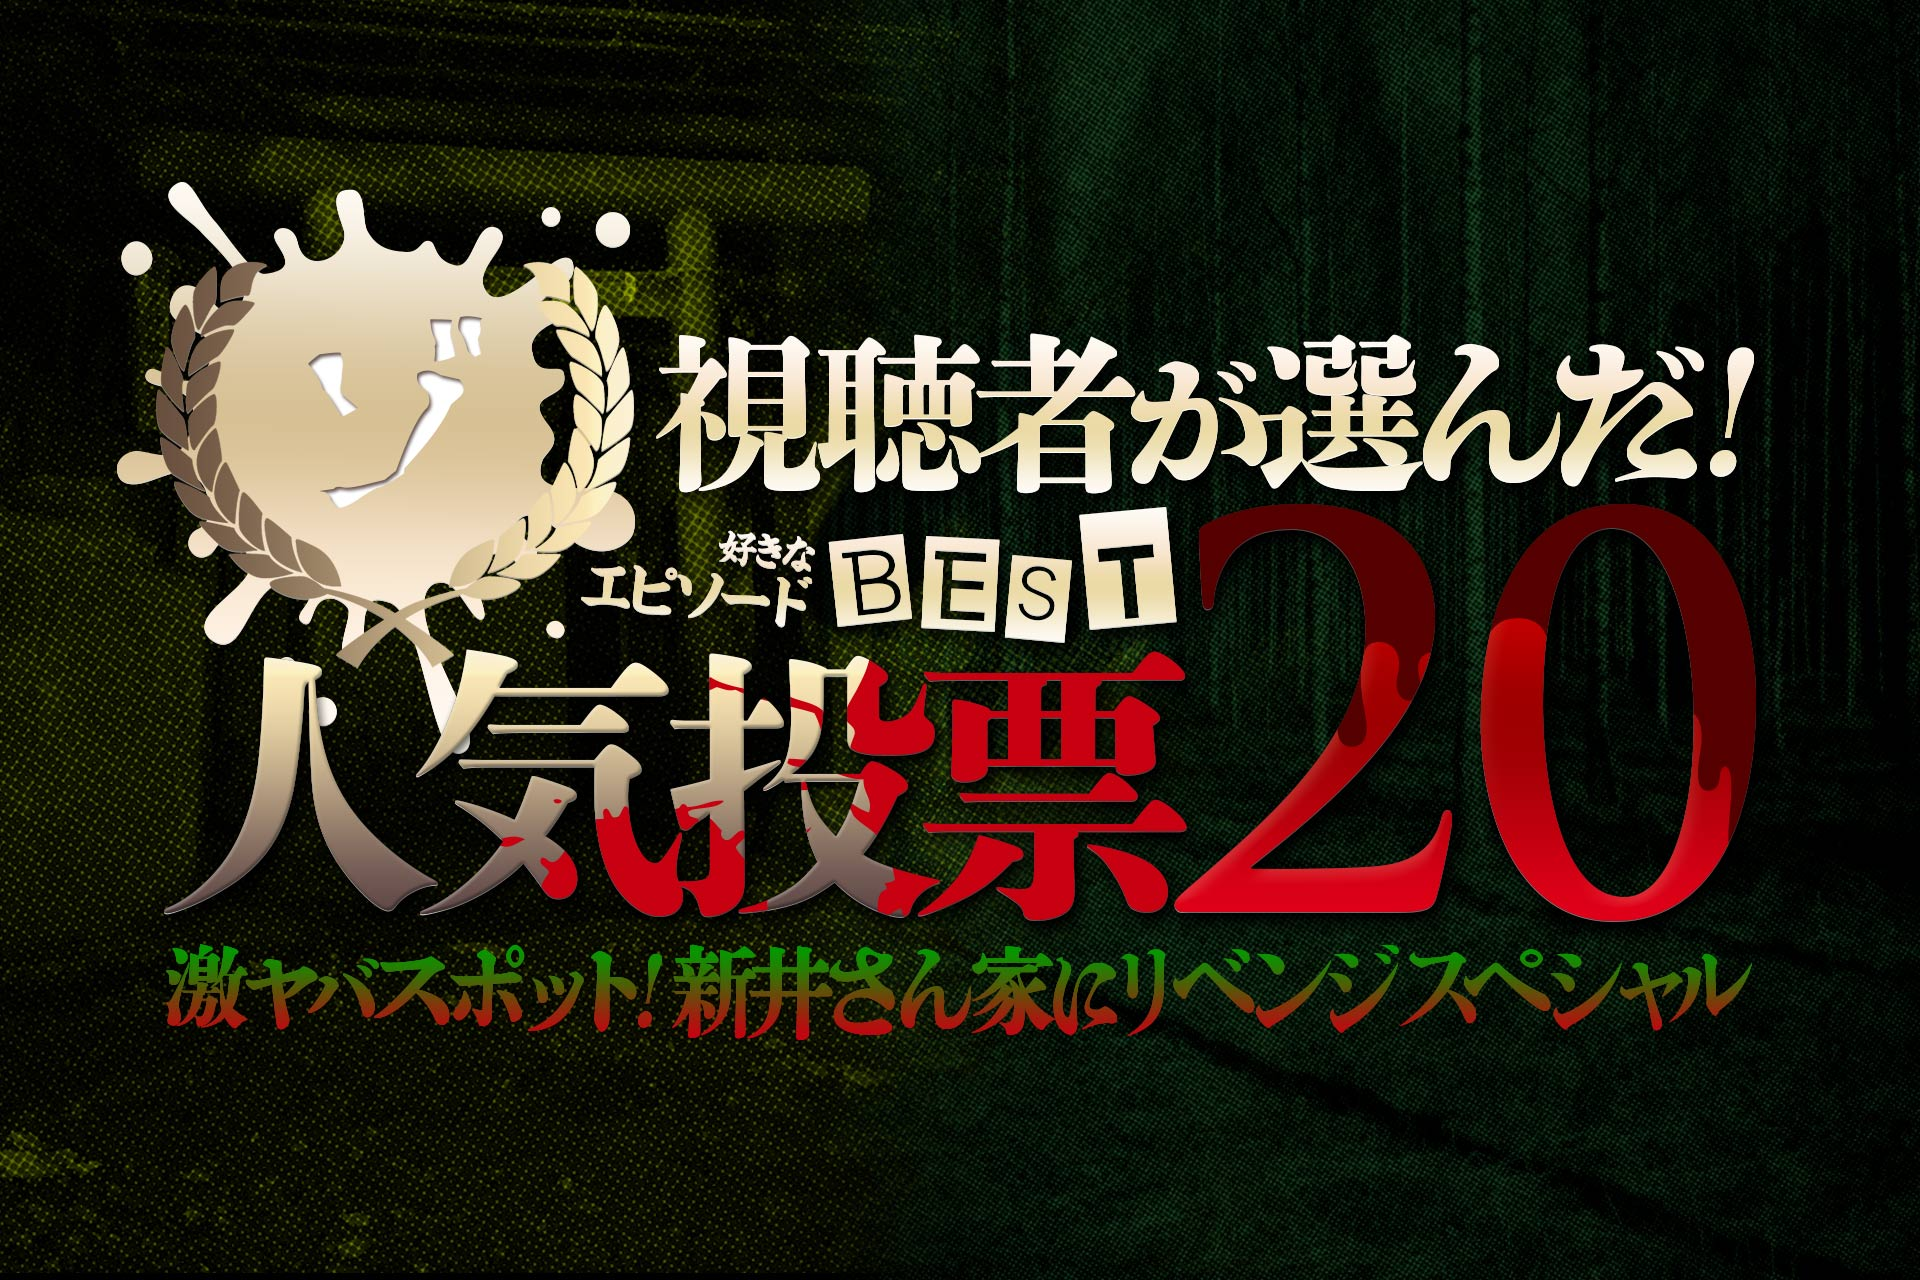 「視聴者が選んだ!ゾゾゾ人気投票BEST20 新井さん家スペシャル」が配信決定!